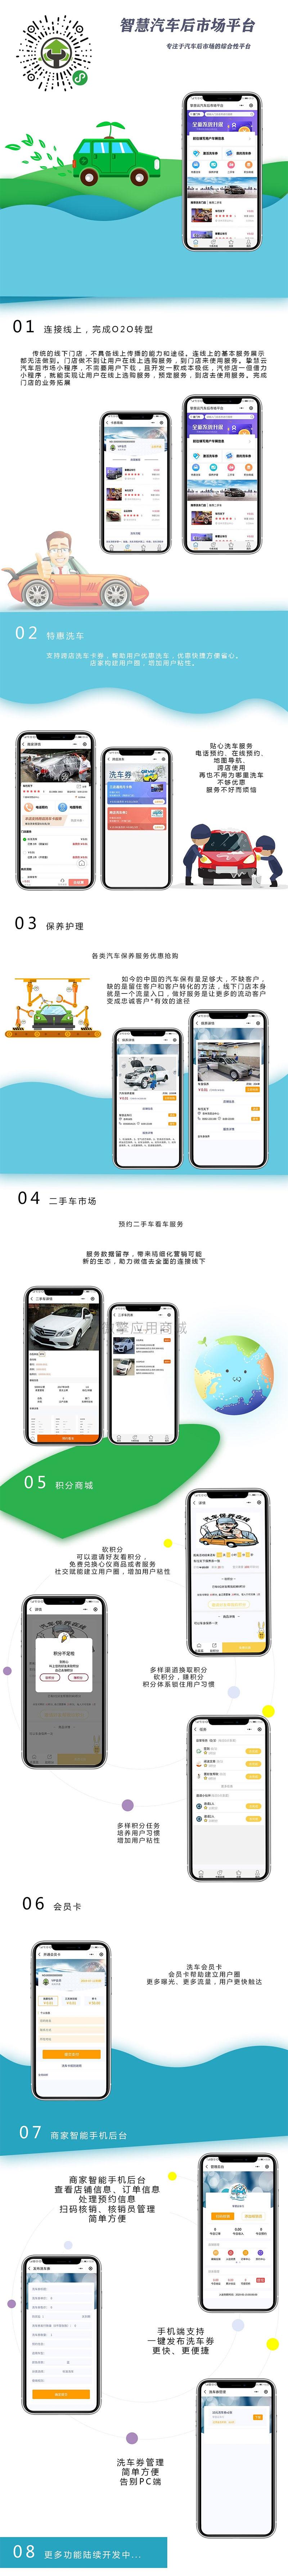 【功能模块】智慧汽车后市场平台V1.2.0 小程序前端+后端